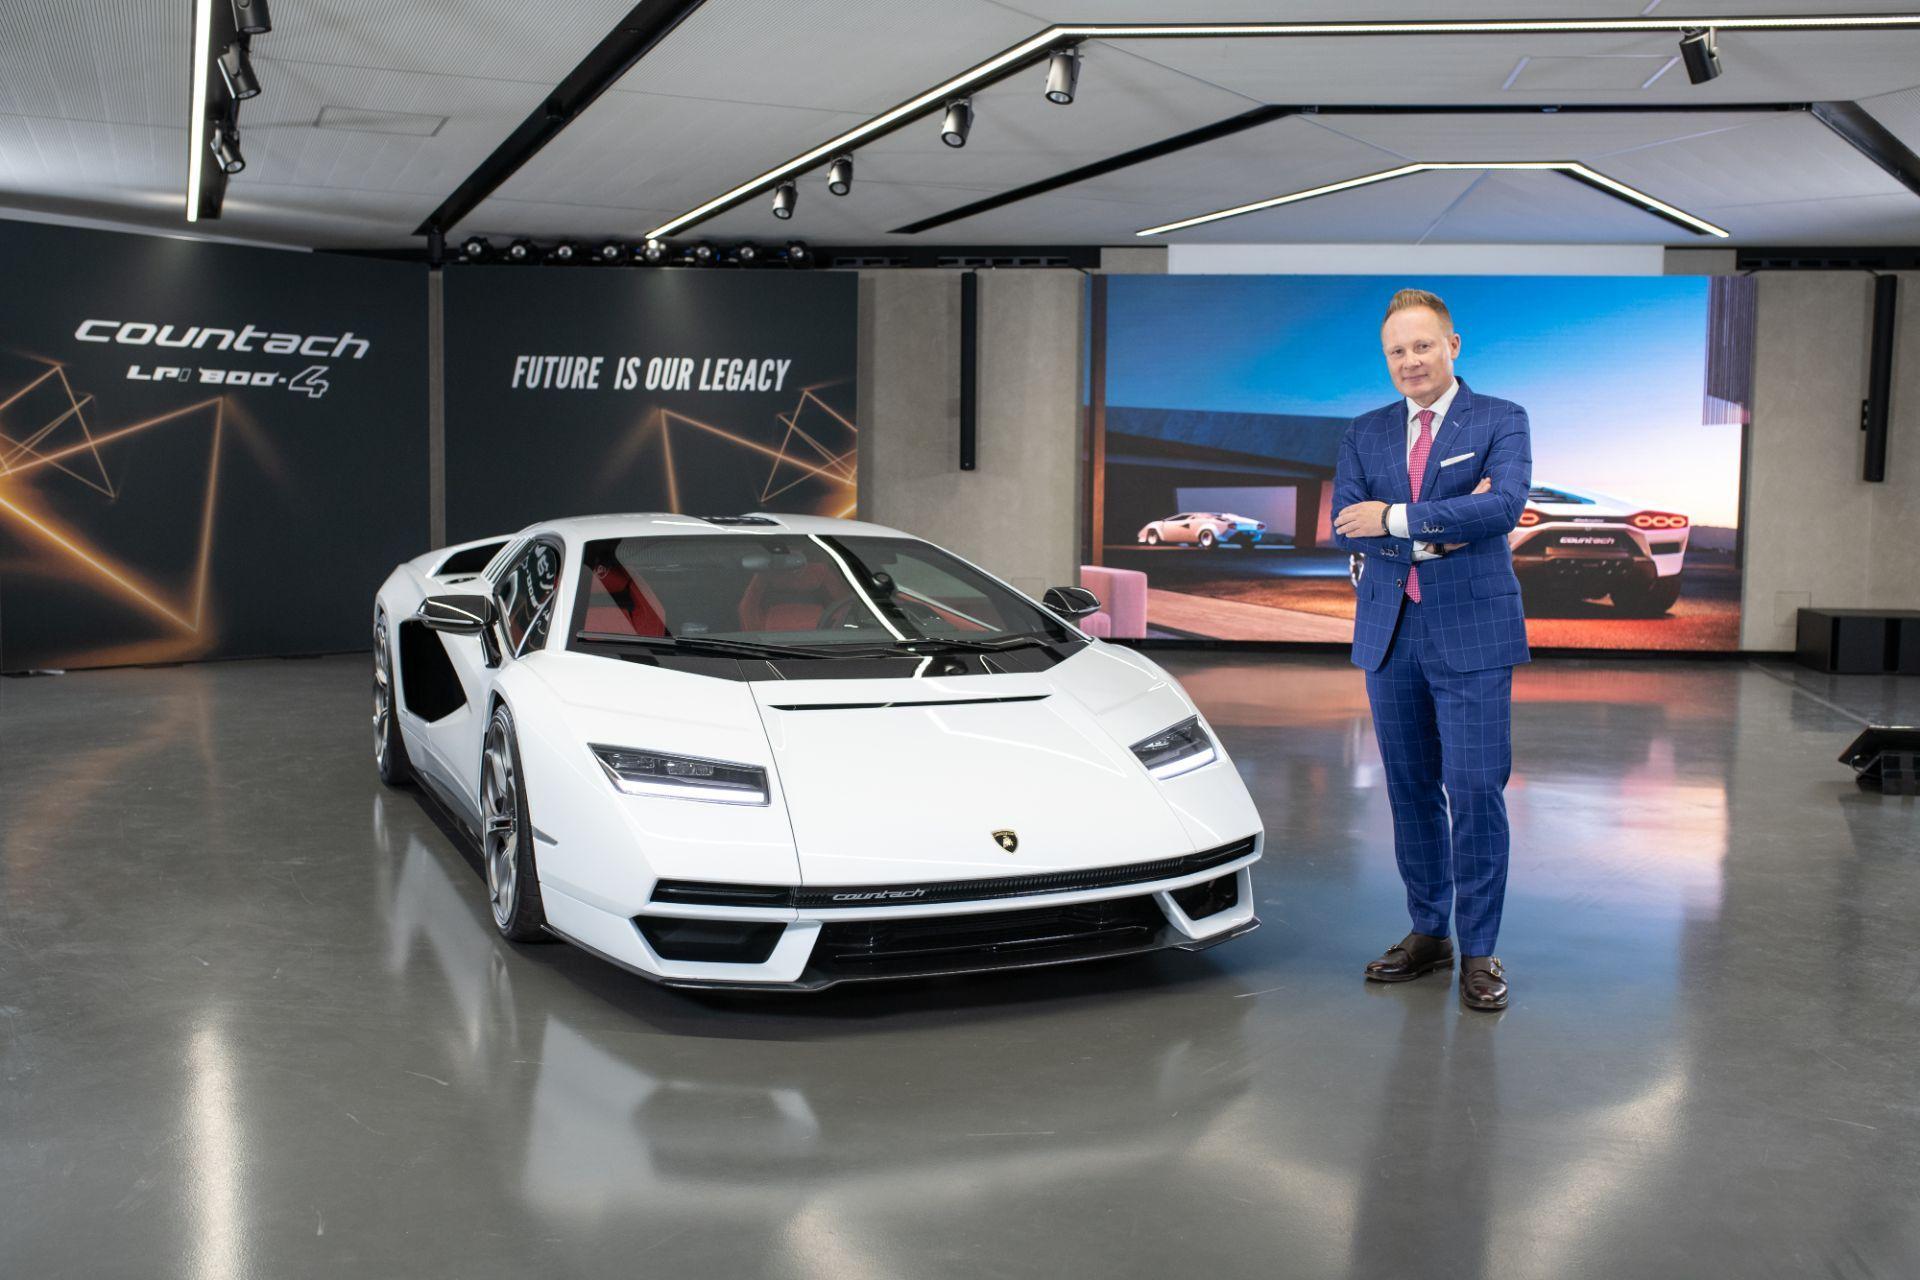 Lamborghini-Countach-LPI-800-4-19